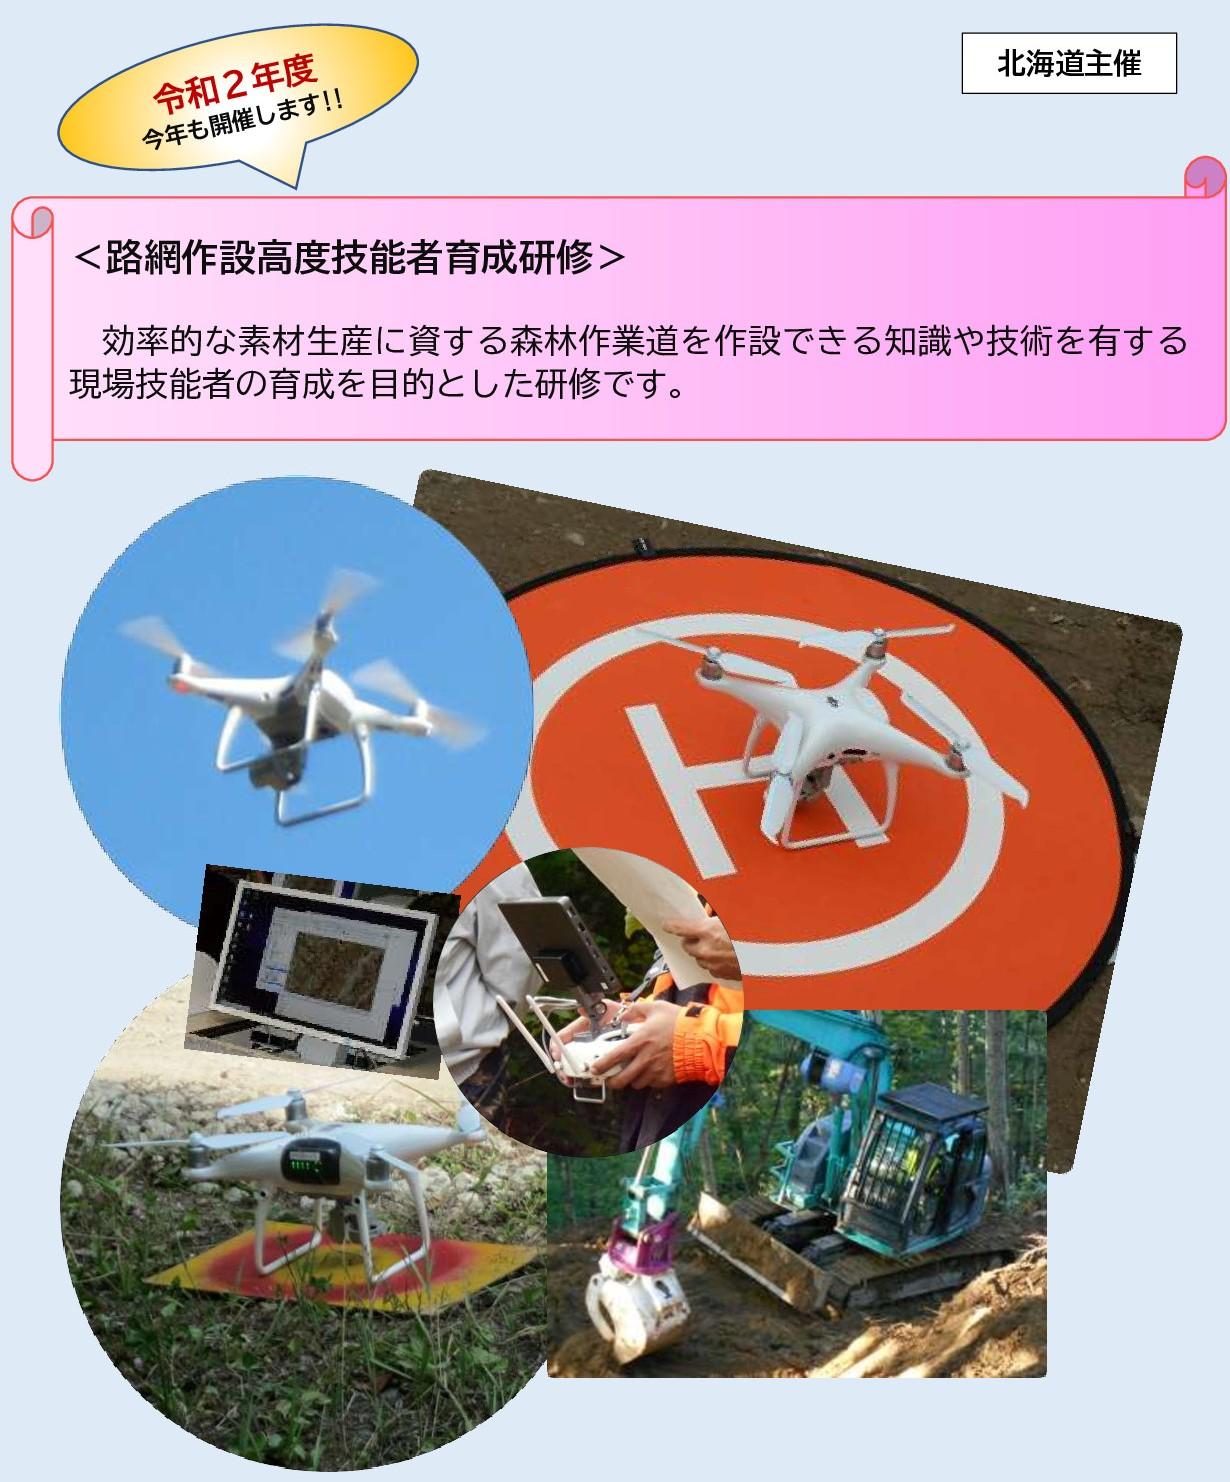 路網トップ画像1(1).jpg